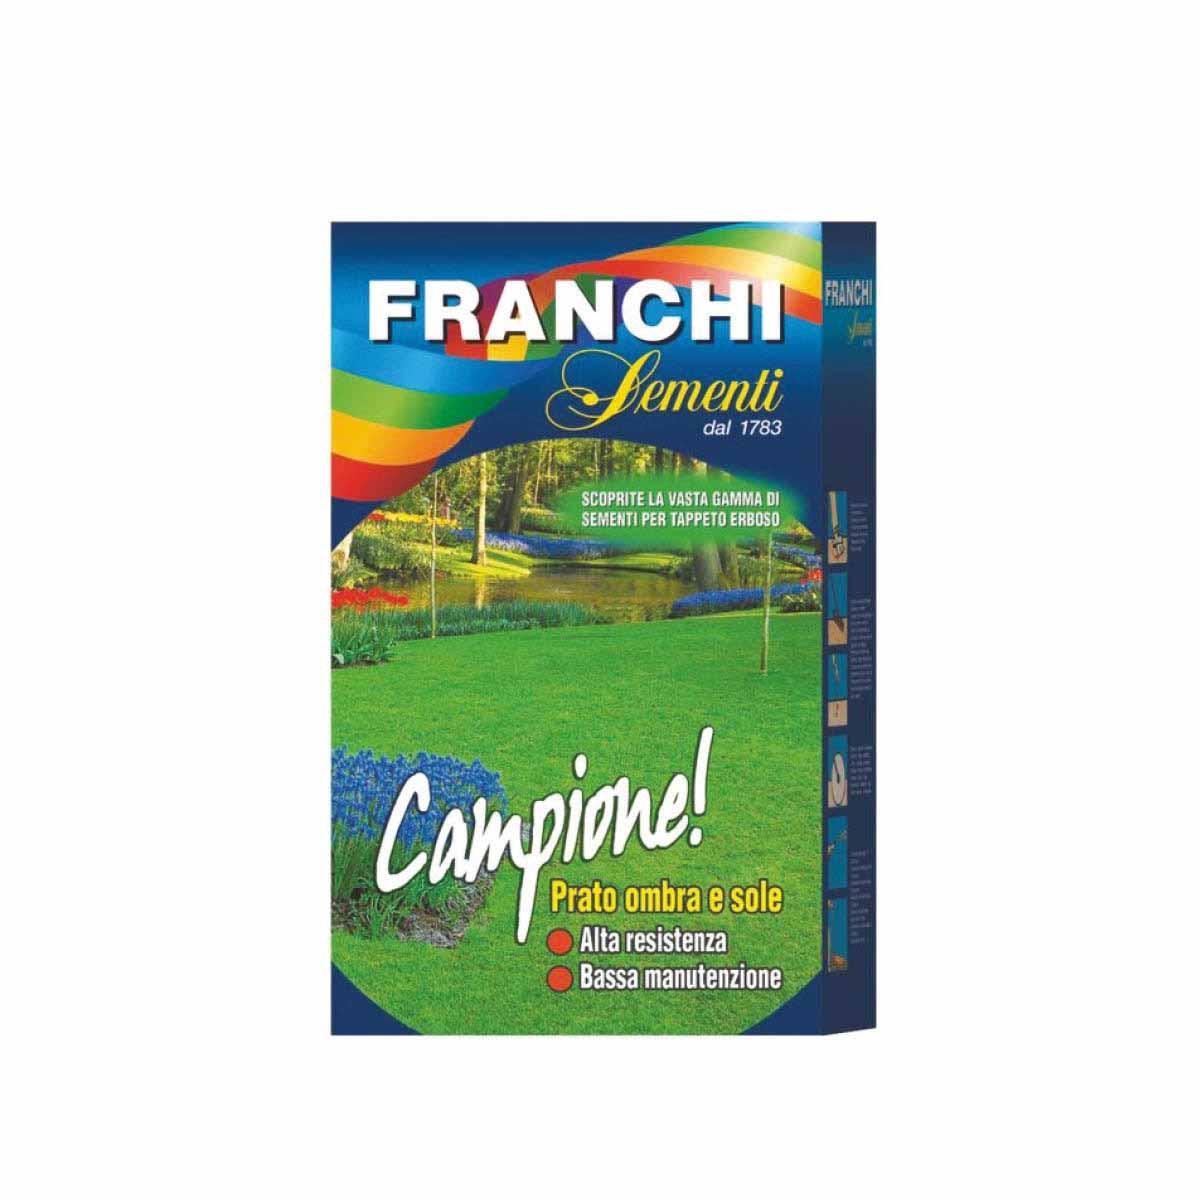 Franchi Sementi Prato Campione 1 kg